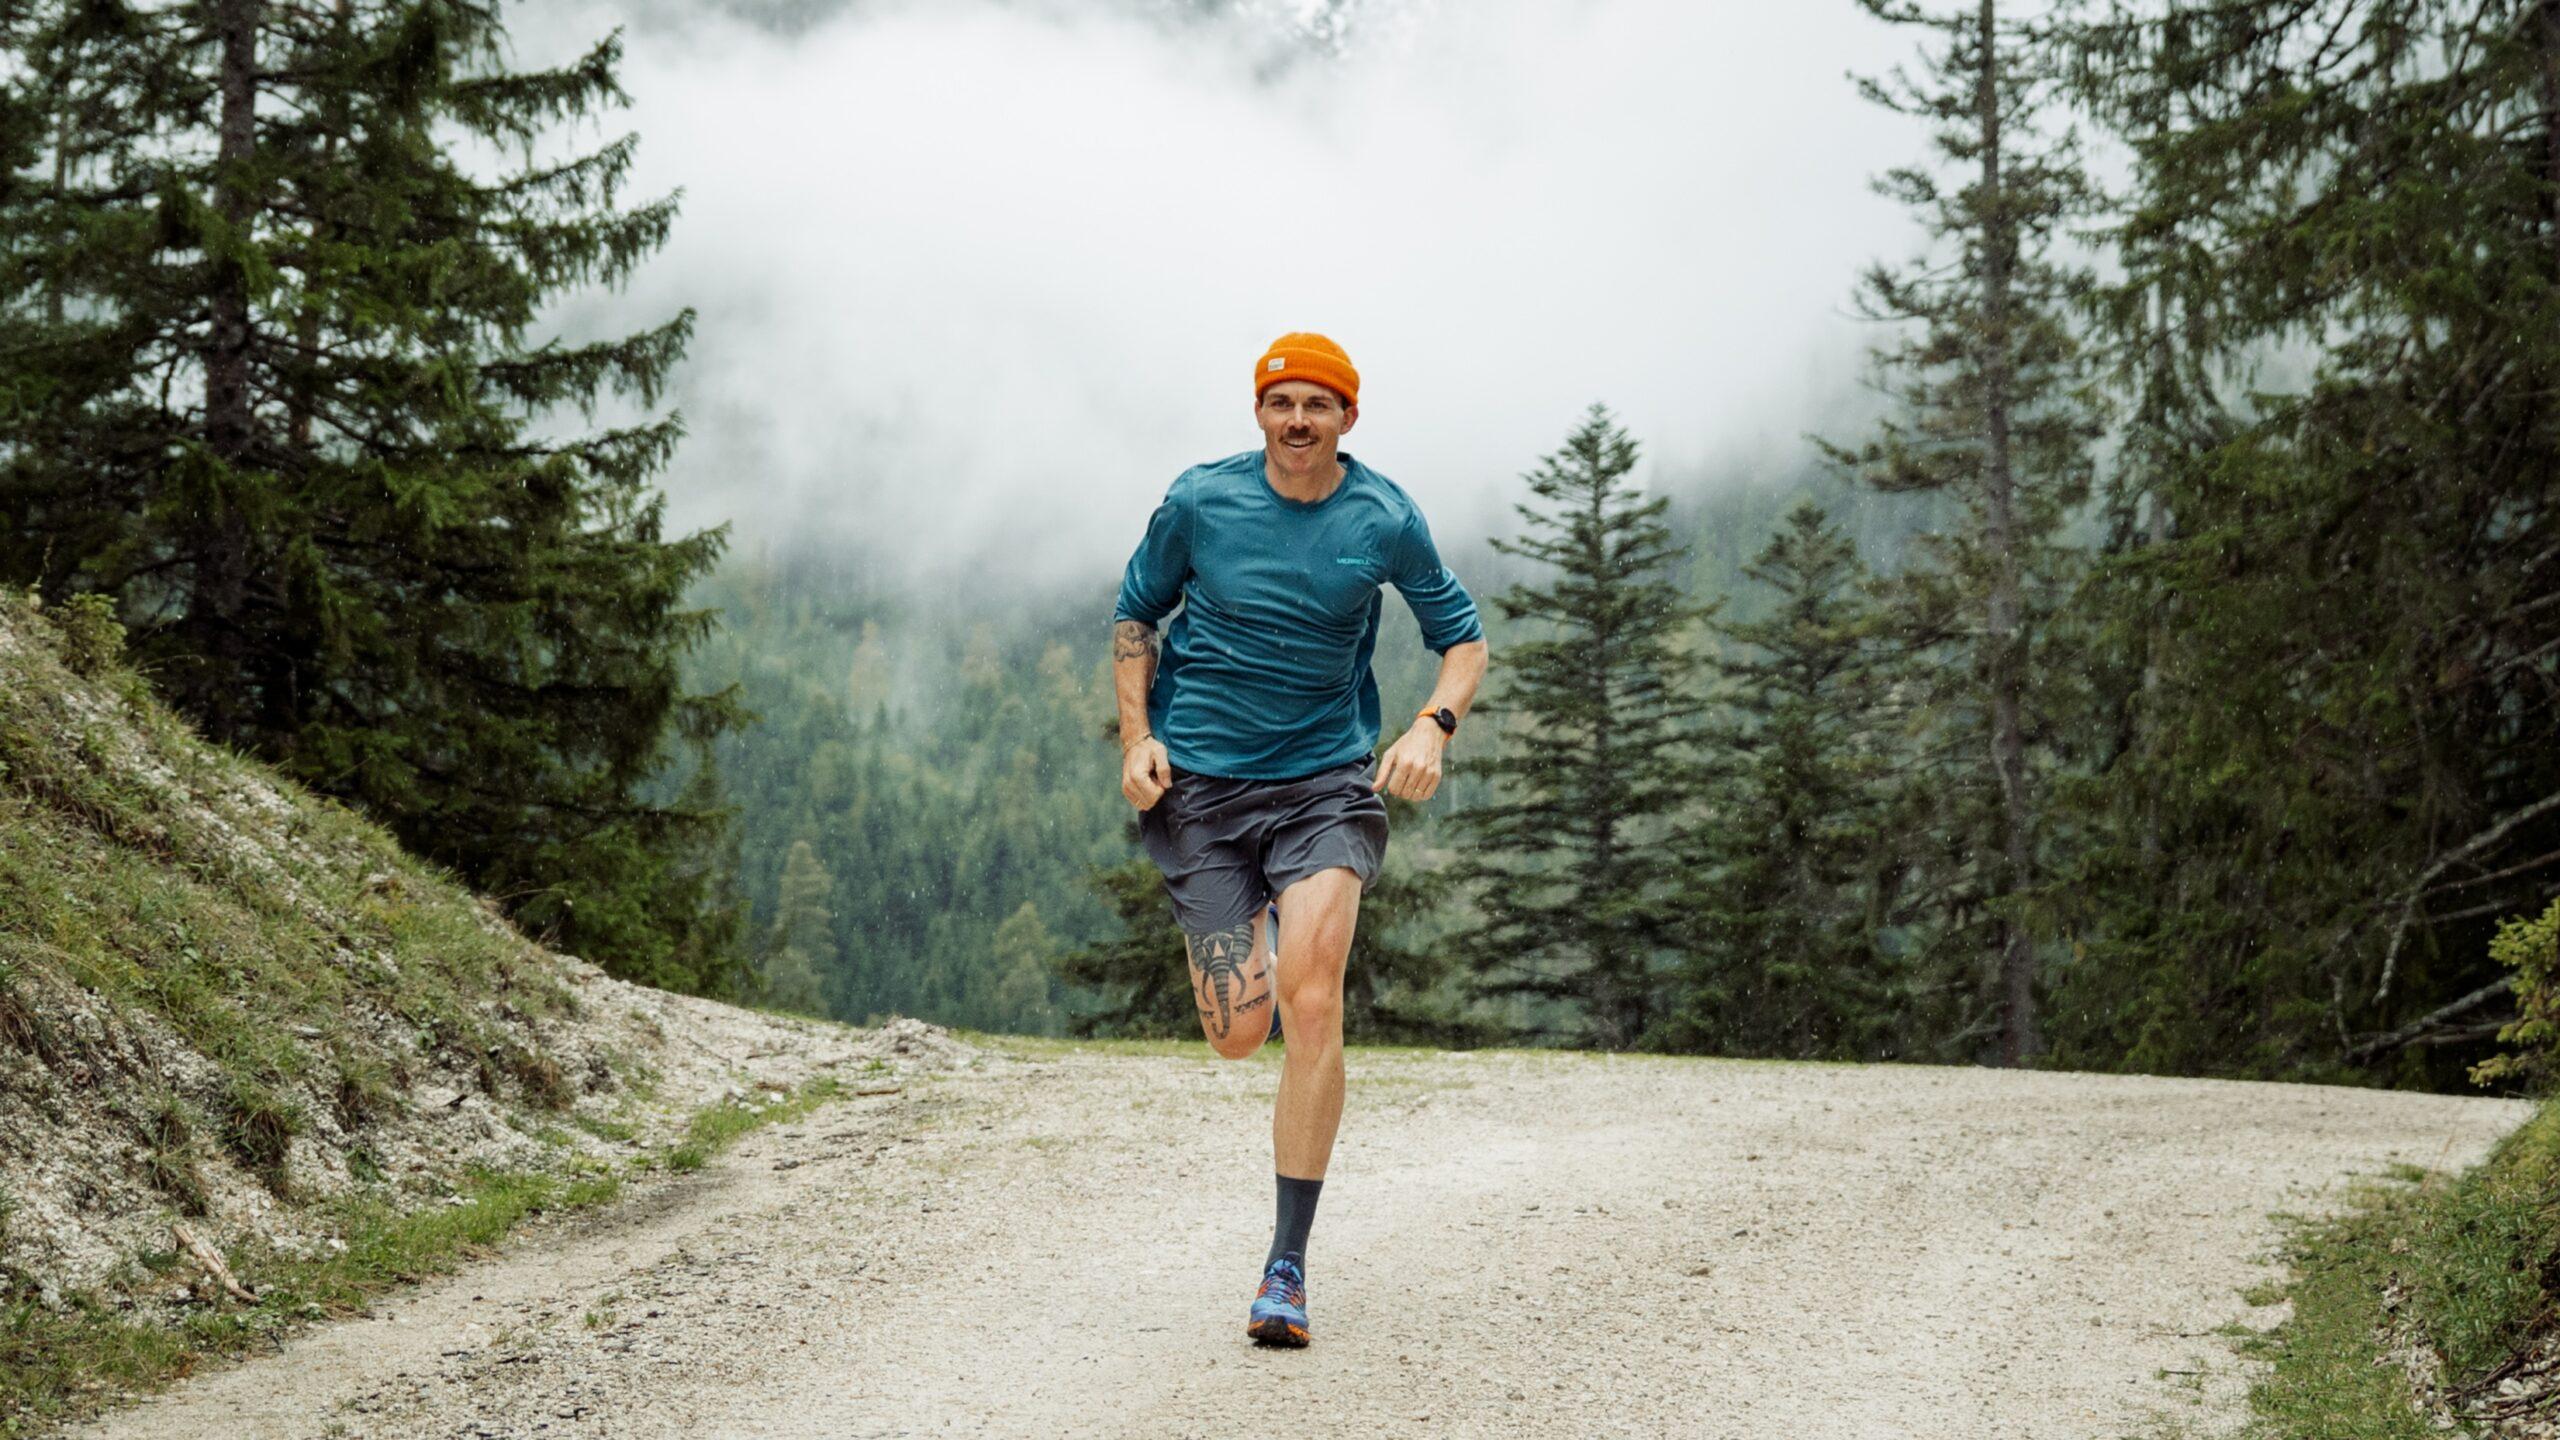 Au travers sa nouvelle collection de chaussures de trail running, Merrell lance trois modèles sur le marché, tous disponibles pour les hommes comme pour les femmes.